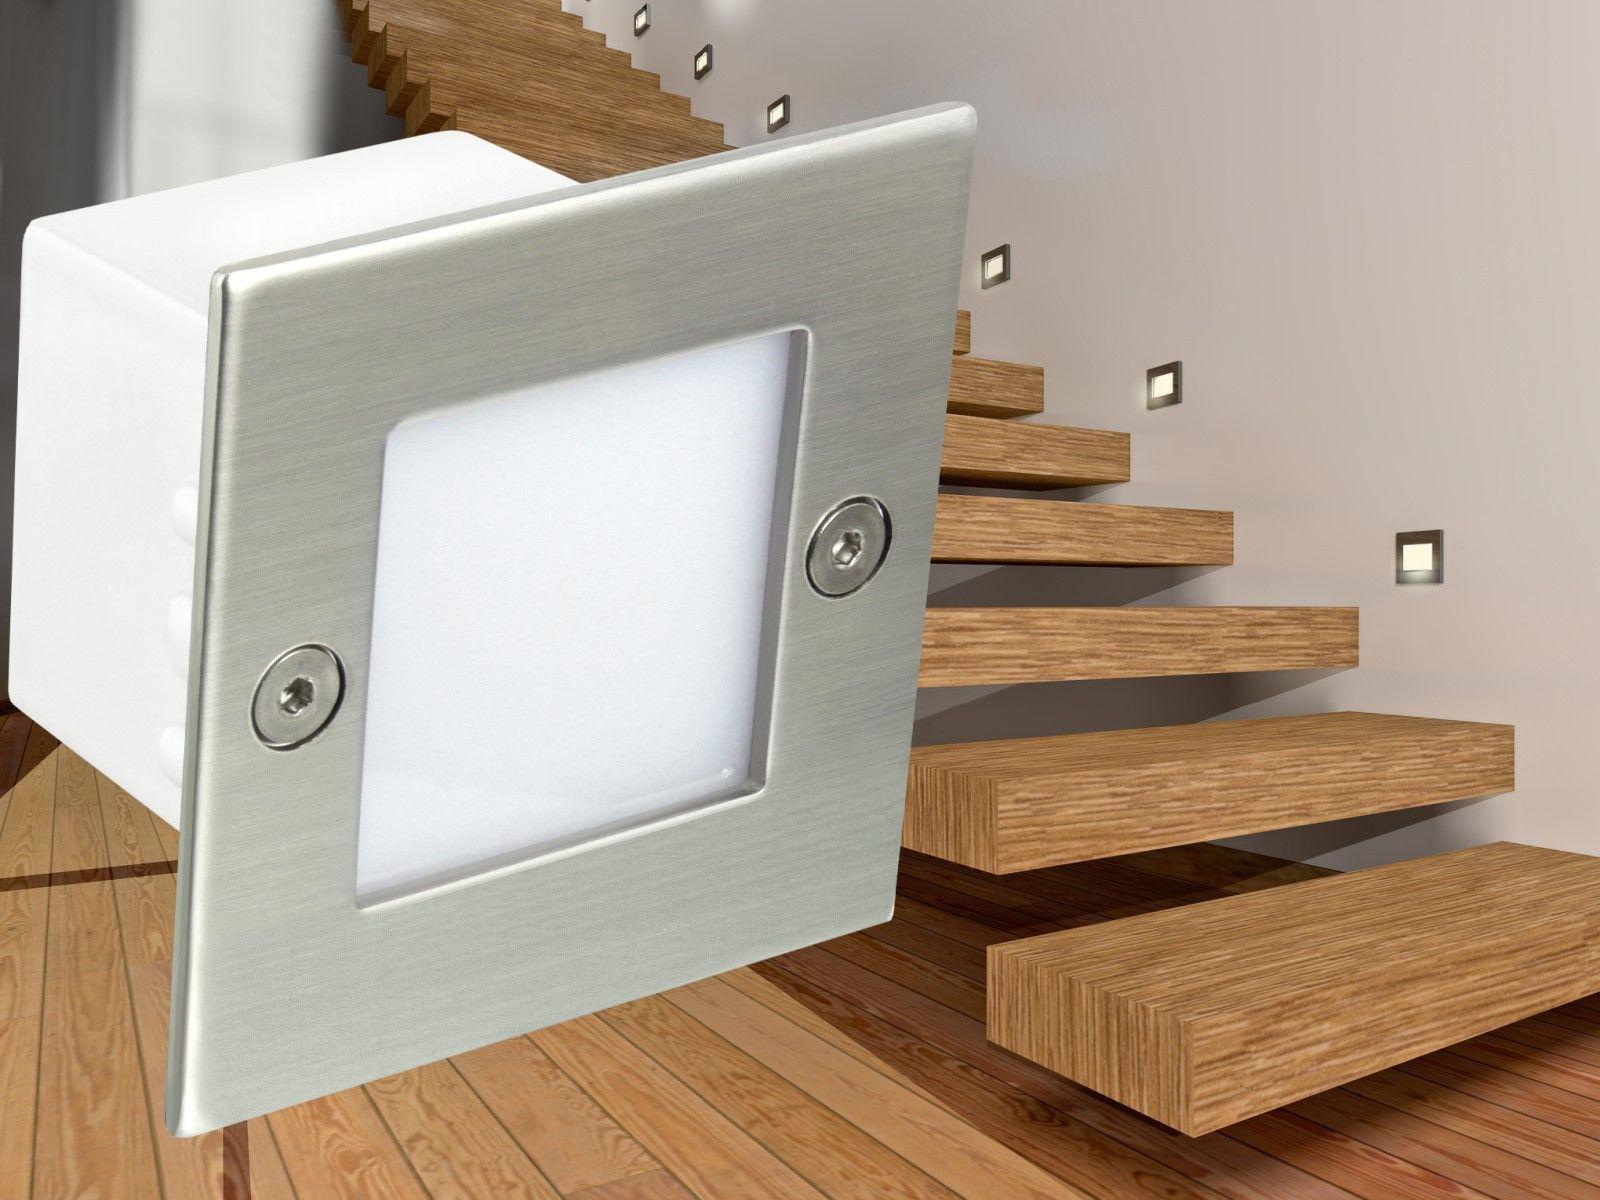 einbauleuchten treppe Galerie